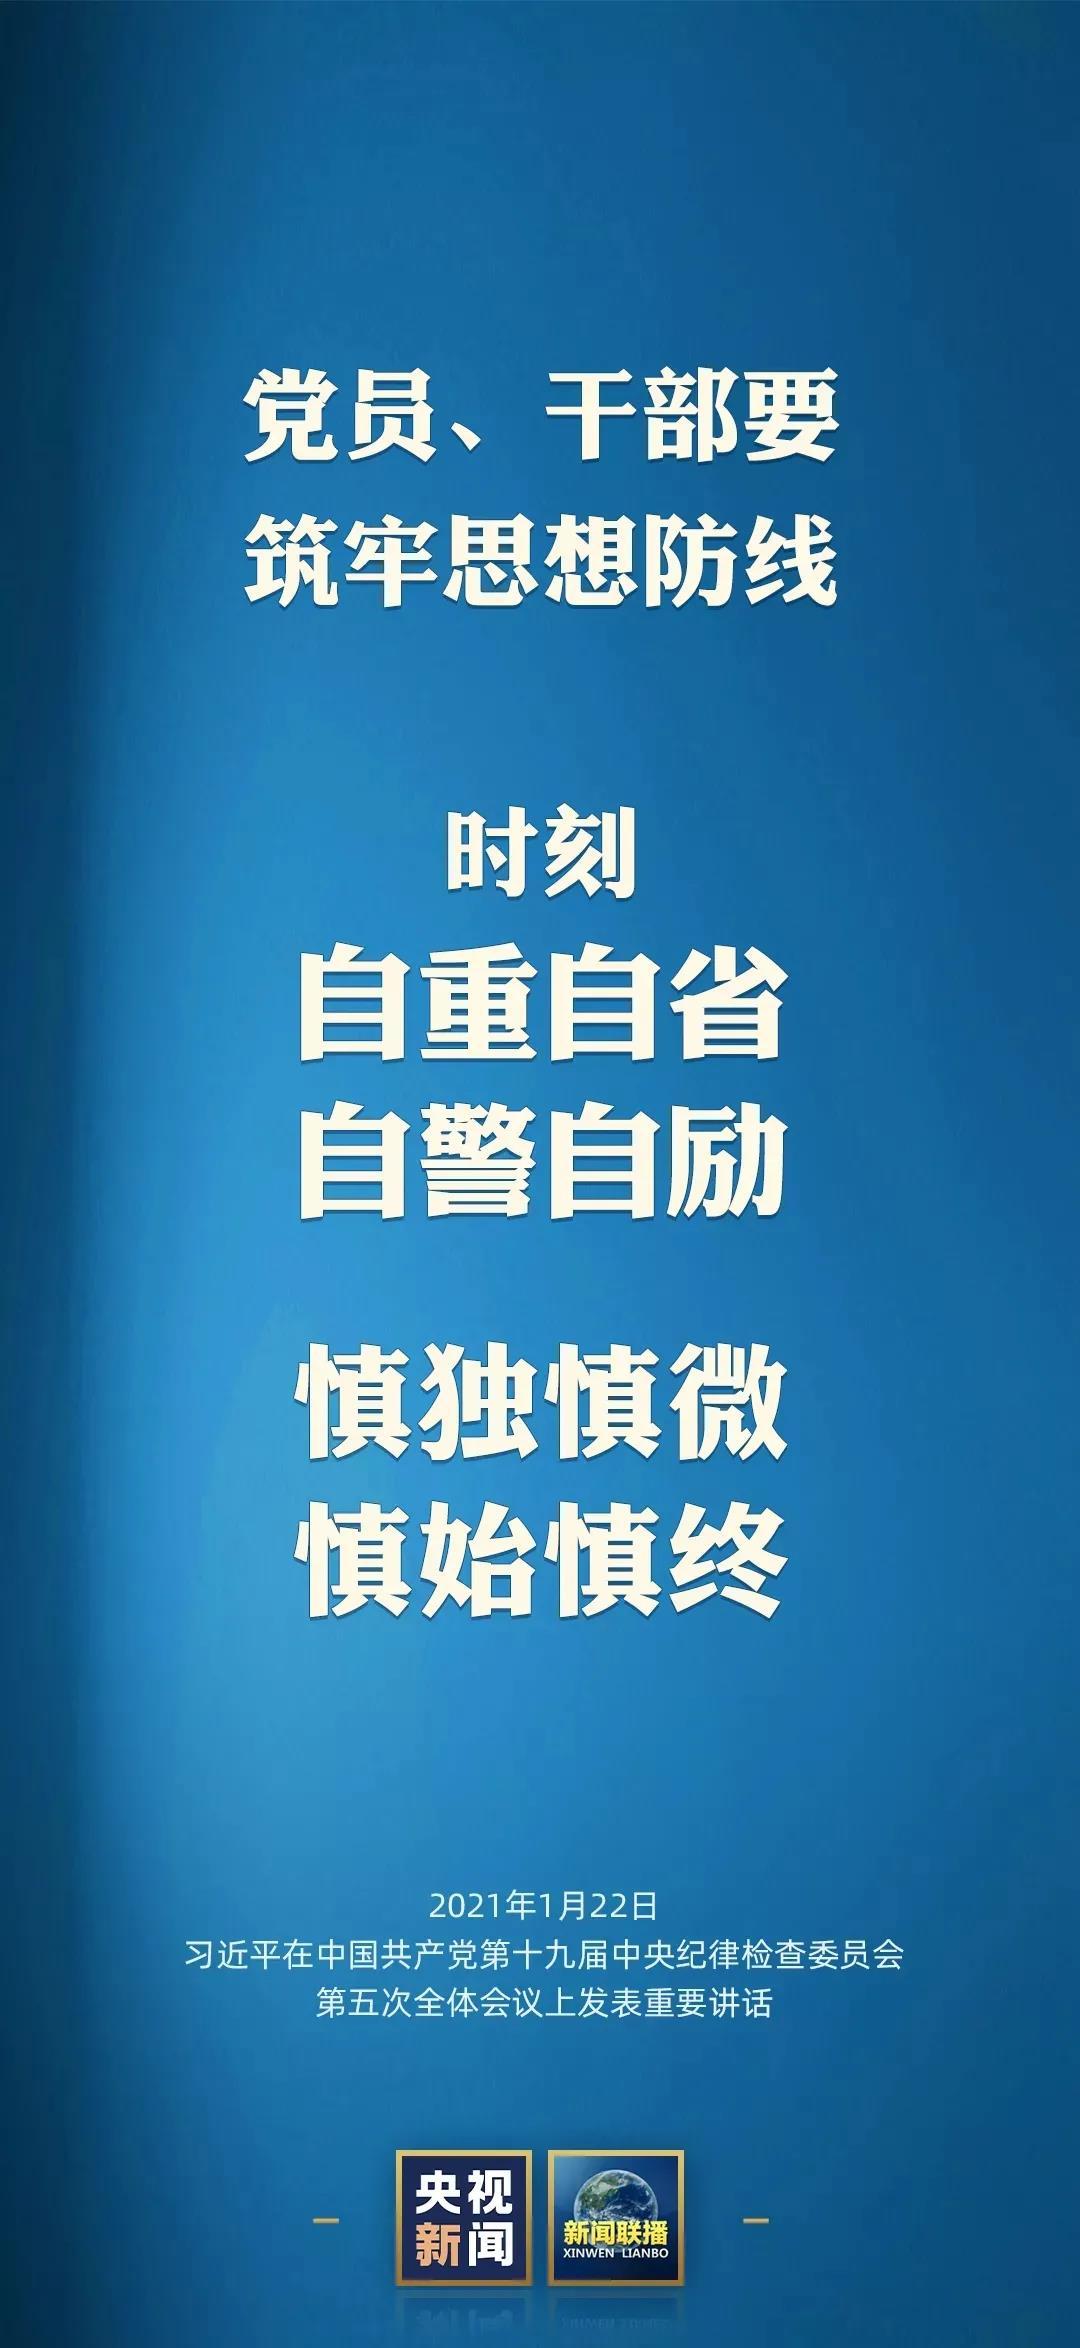 赖小民伏法 严於信:贪腐没有免死牌!十六个字要牢记